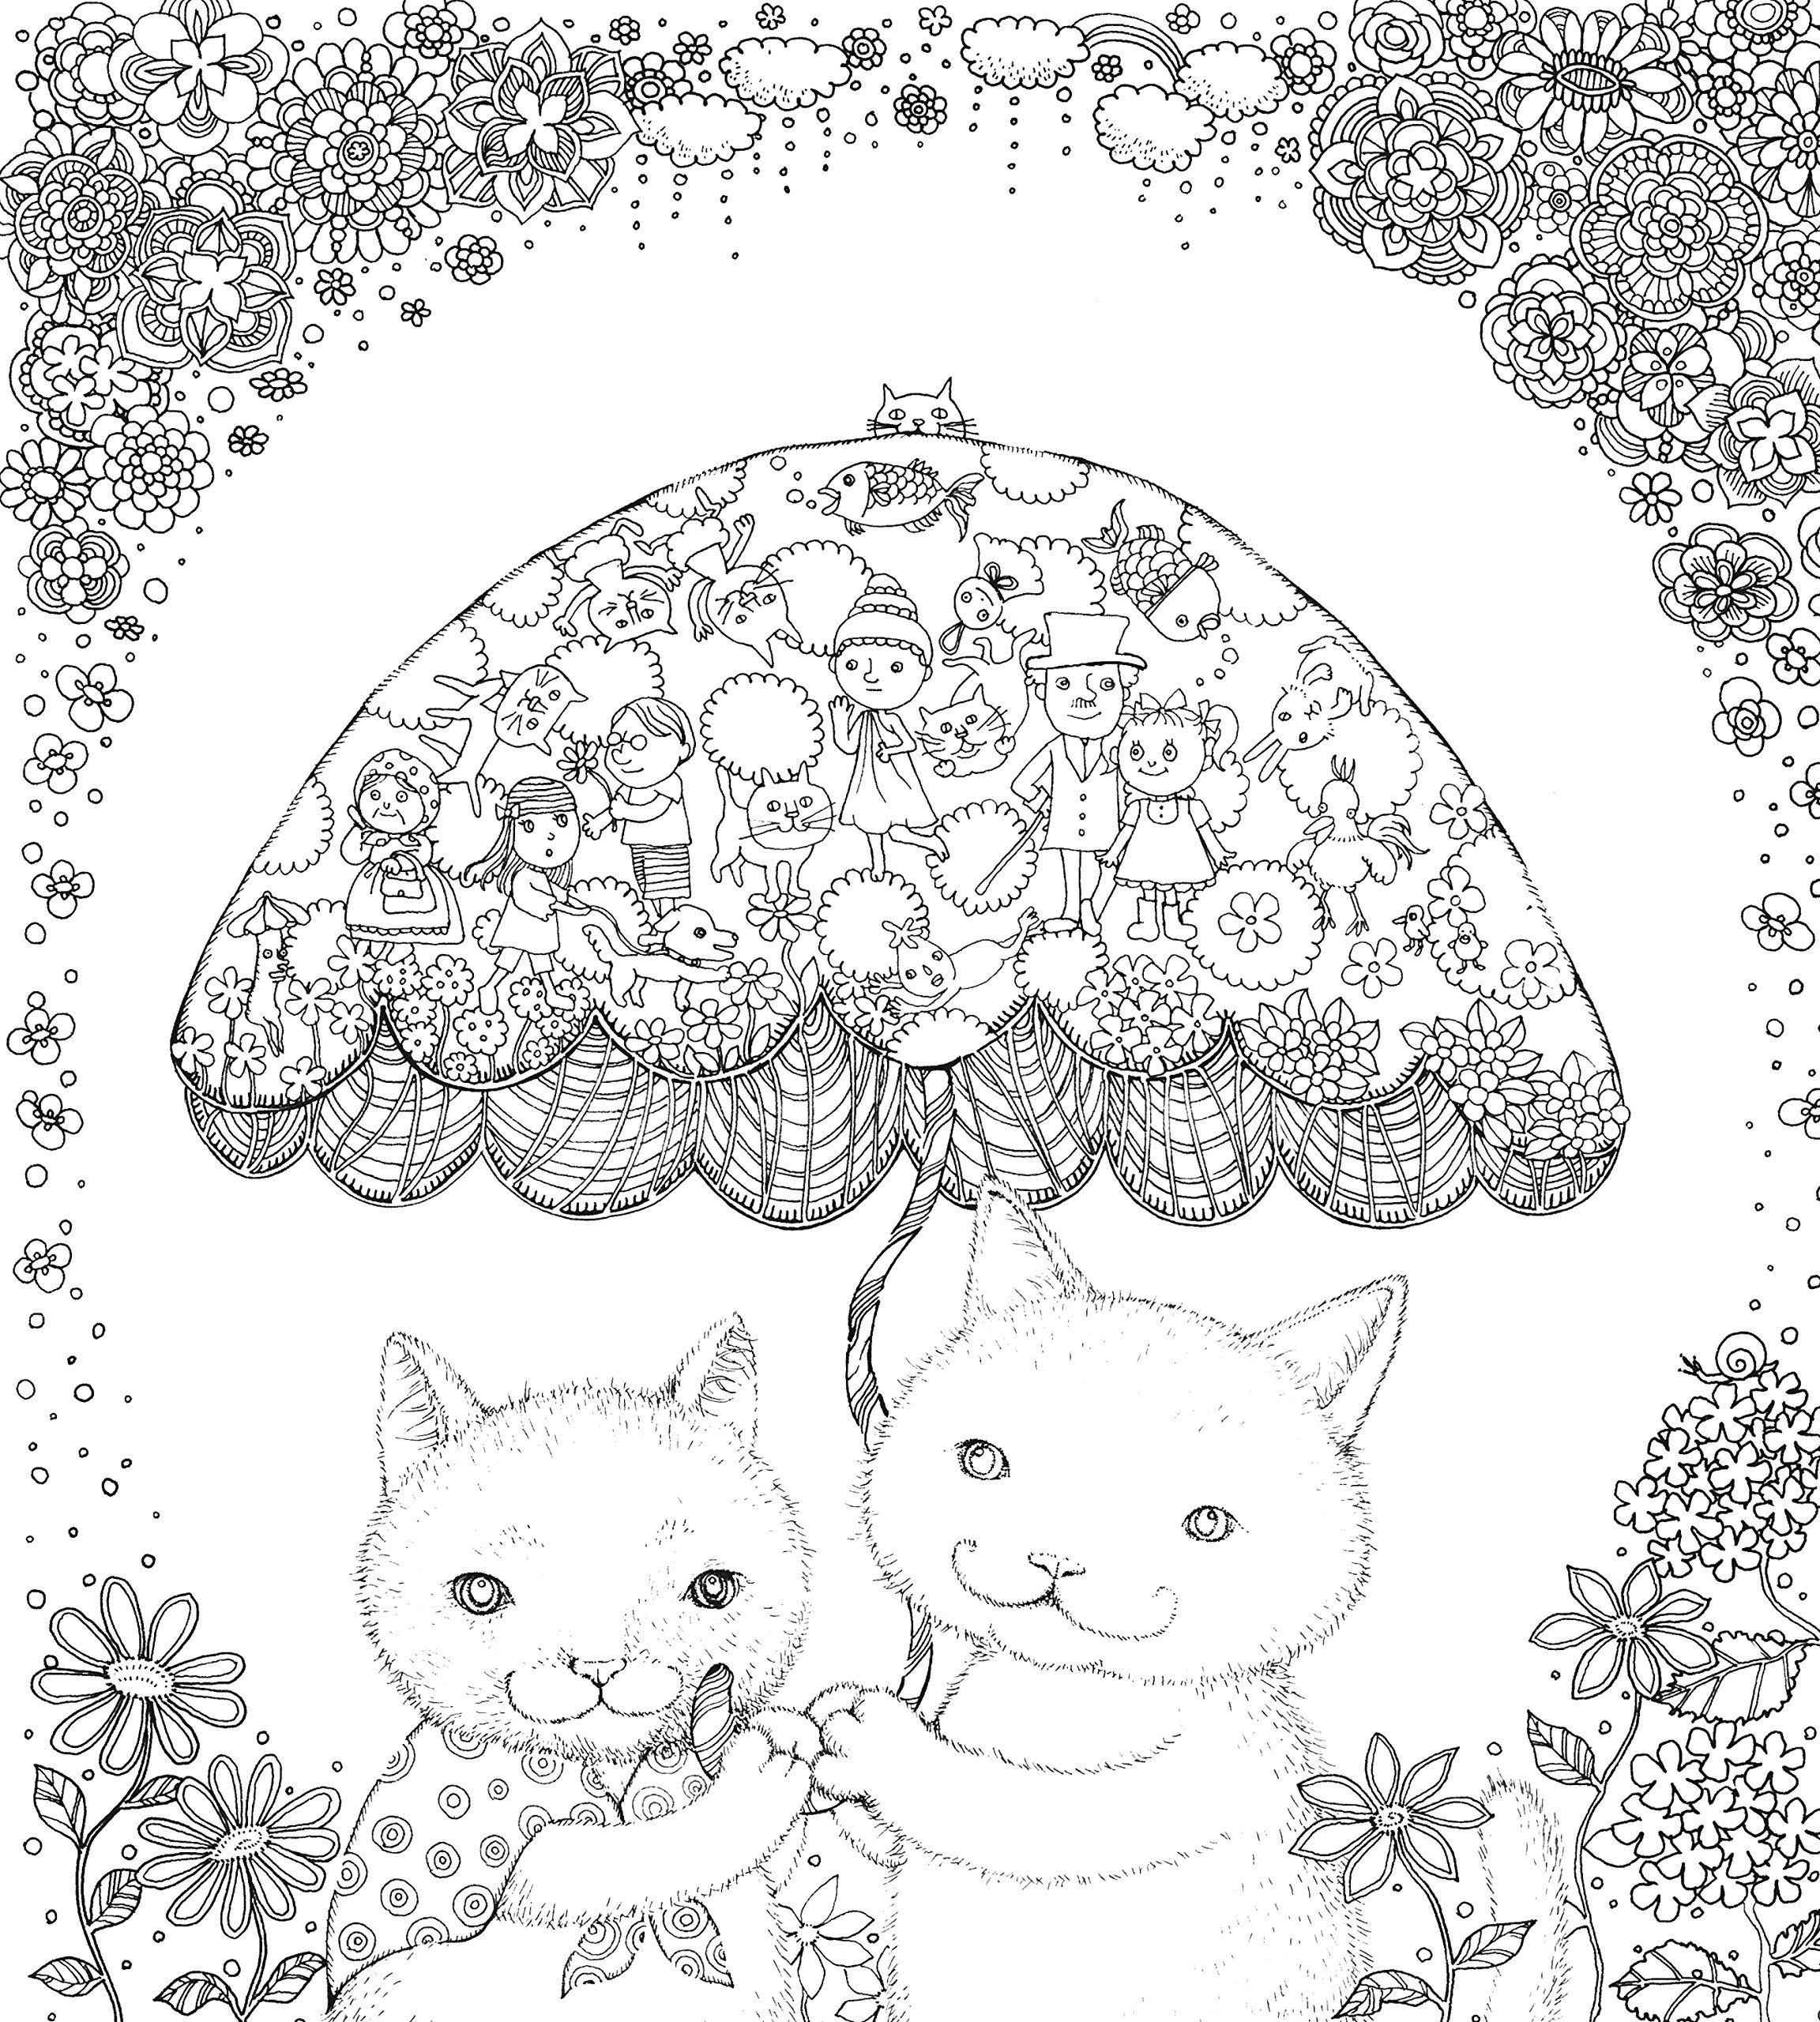 ぬり絵book ネコと仲間たちの不思議な世界 塗り絵 ぬり絵大人の